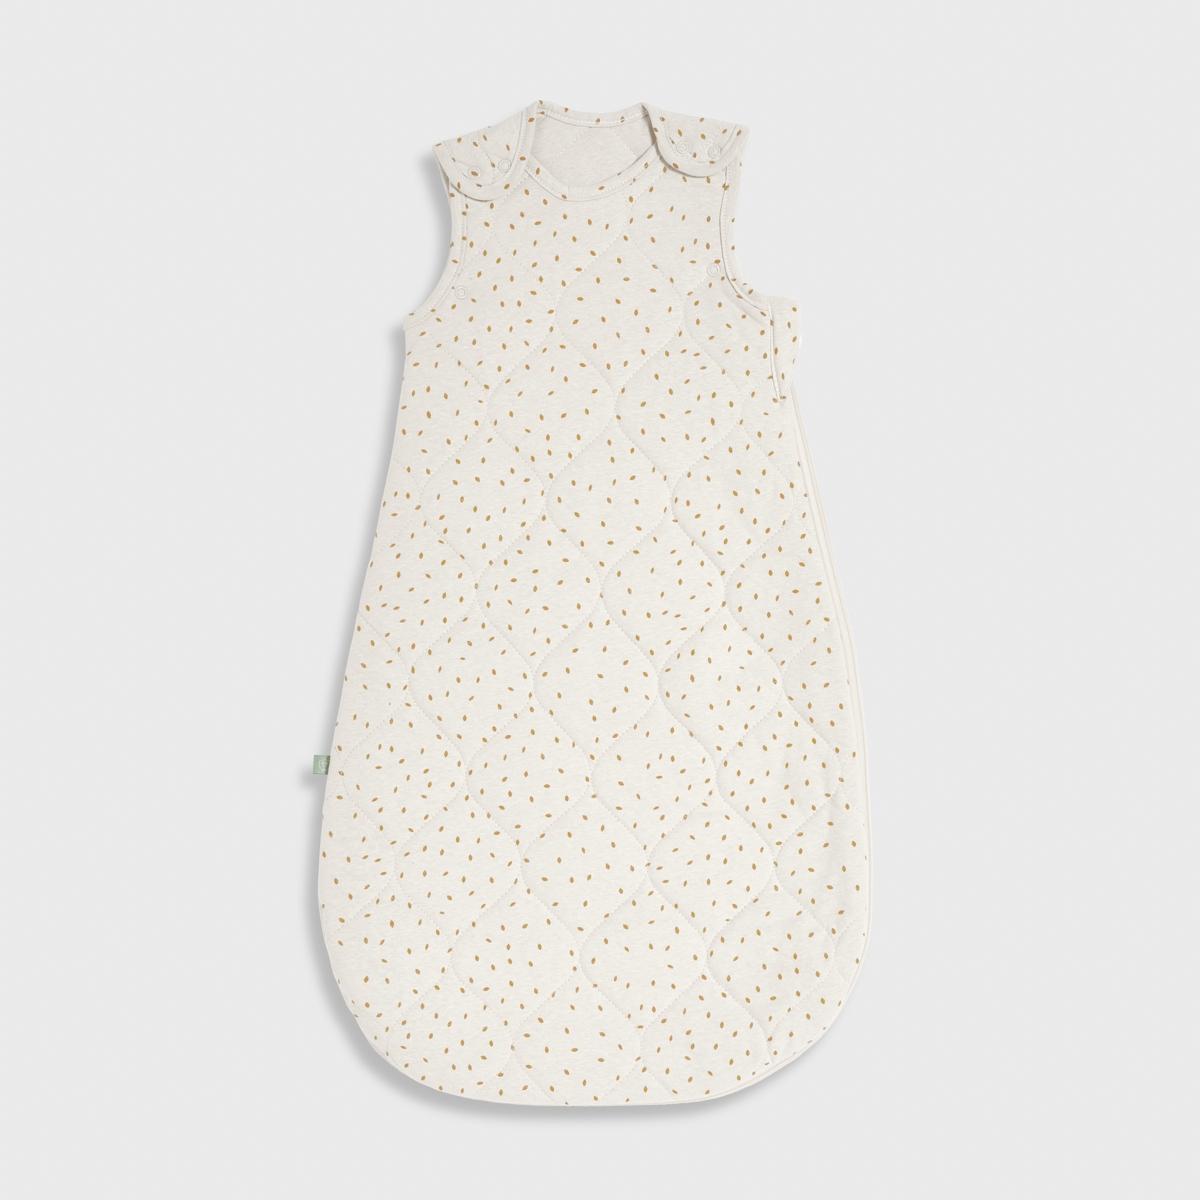 Little Green Sheep Organic Baby Sleeping Bag 2.5 Tog 0-6 Months - Linen Rice